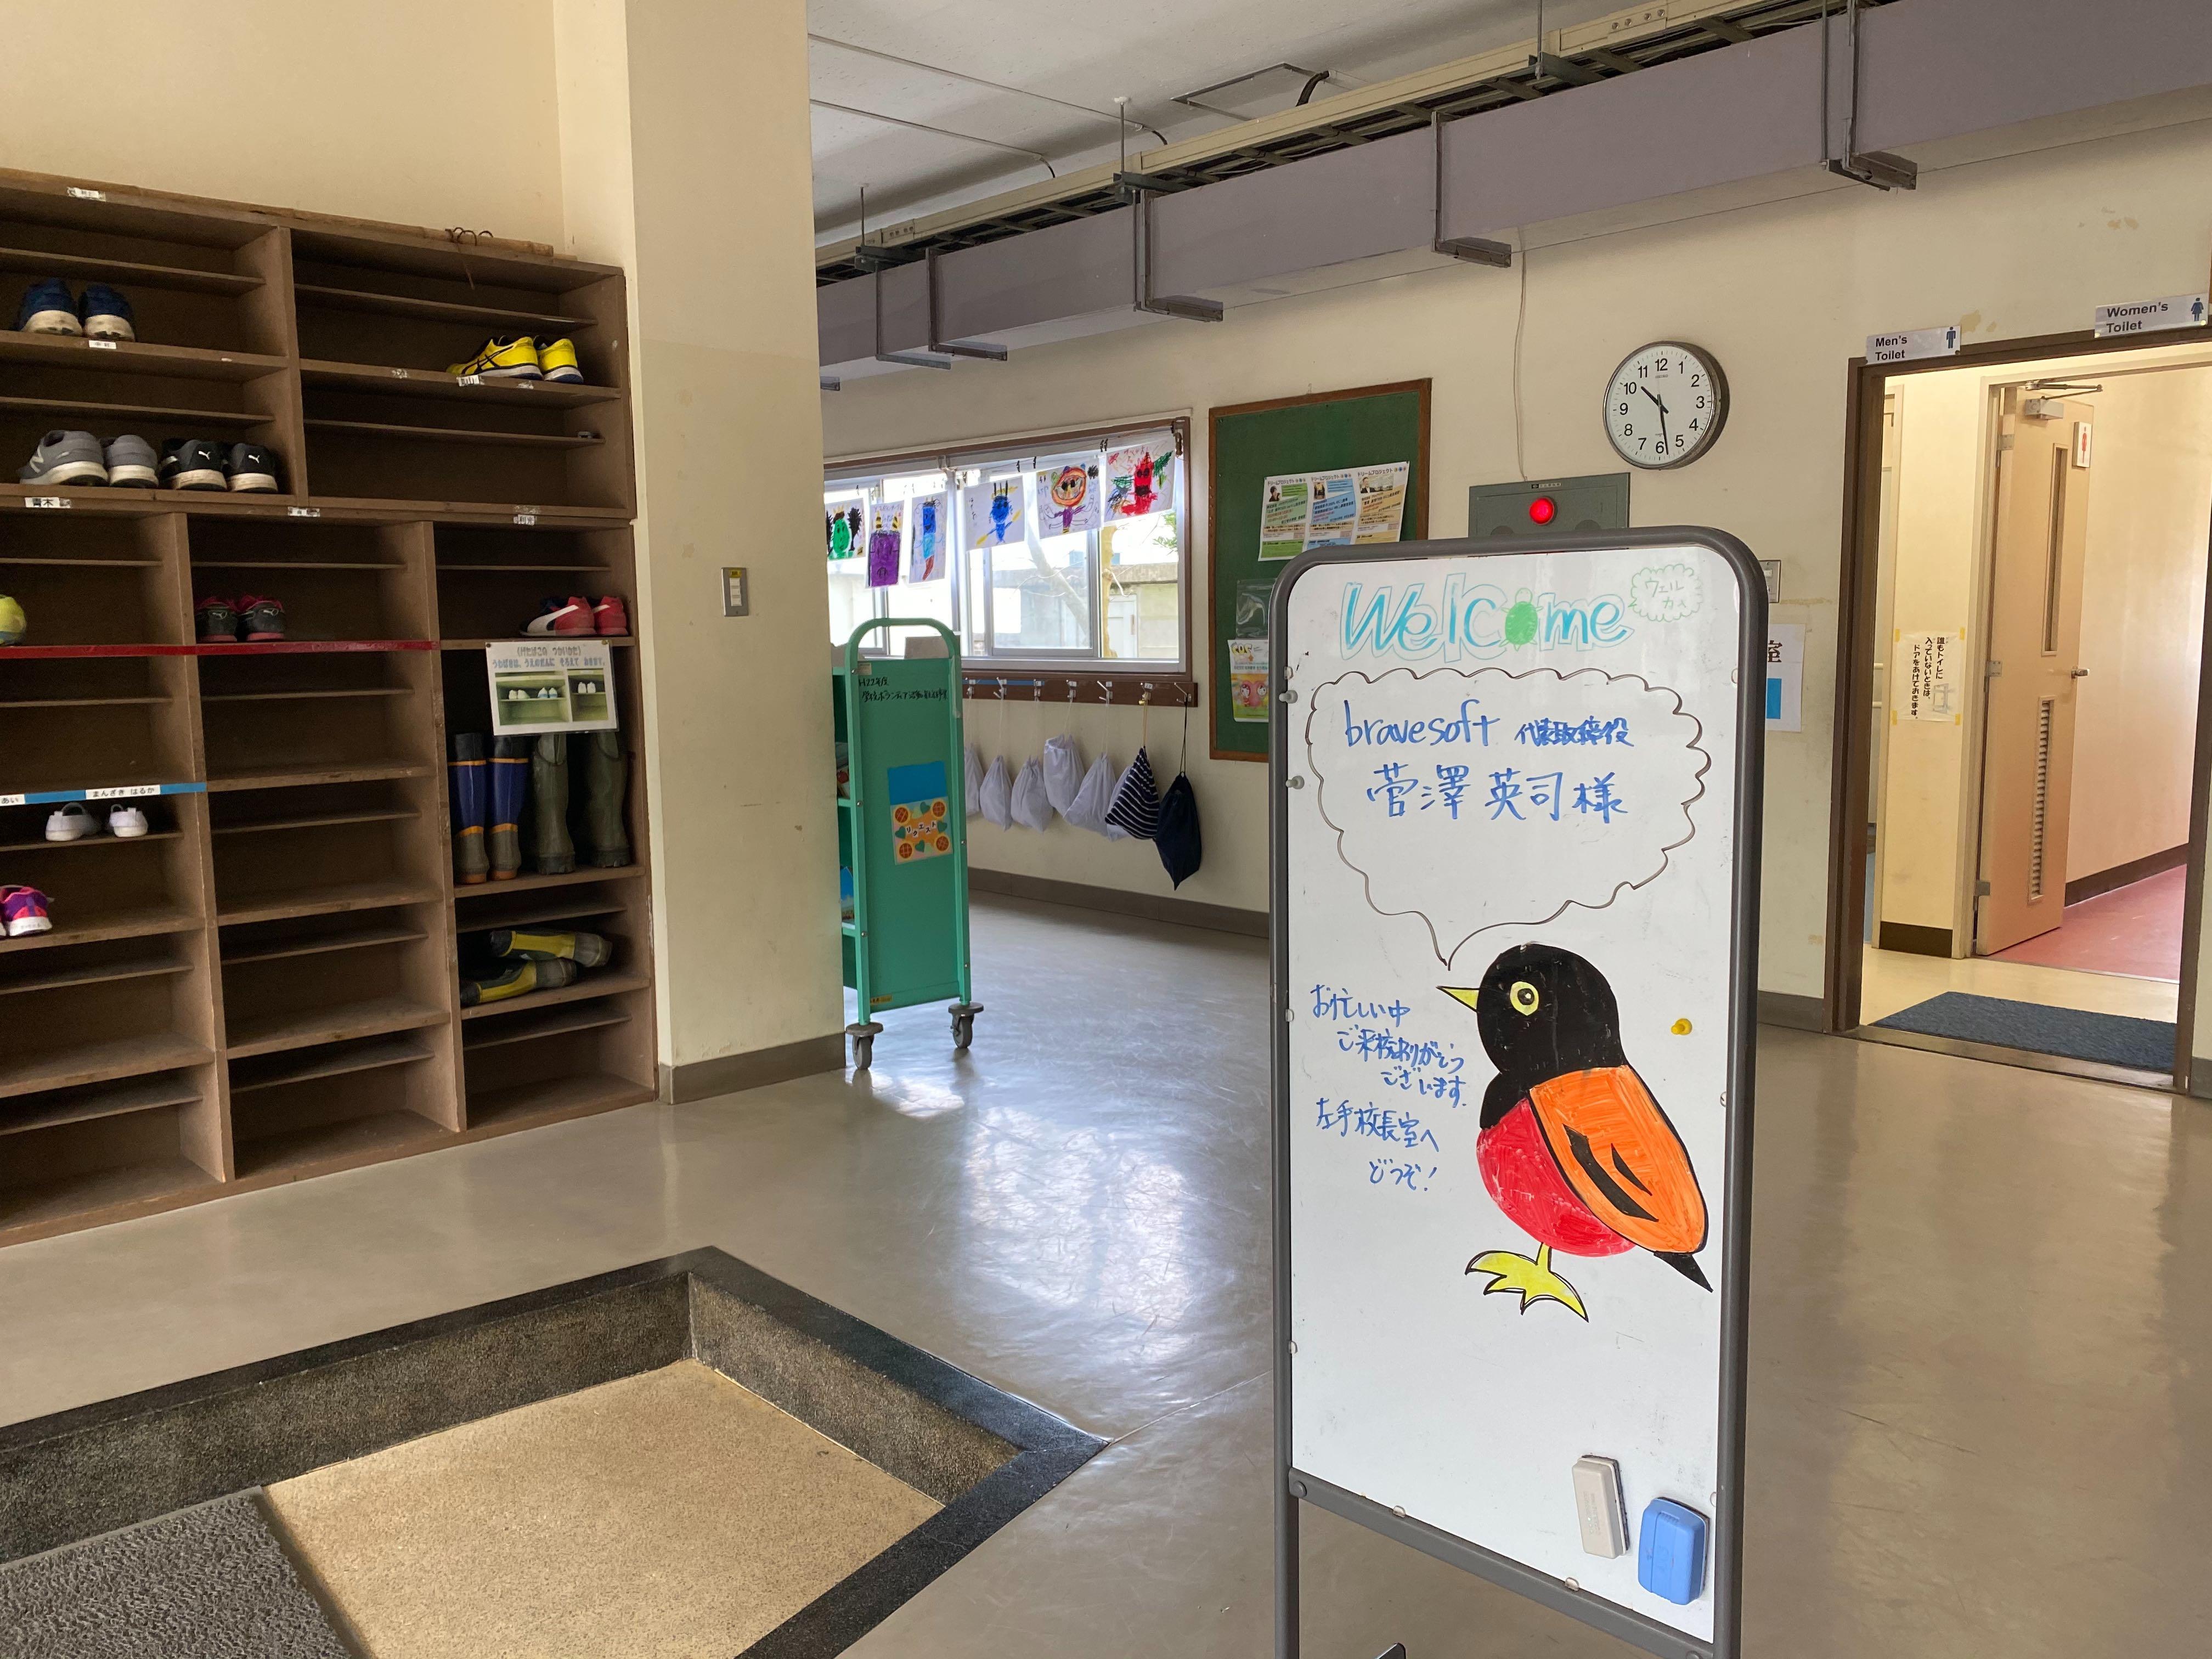 三宅島小学校のウェルカムボードで菅澤を歓迎|bravesoft